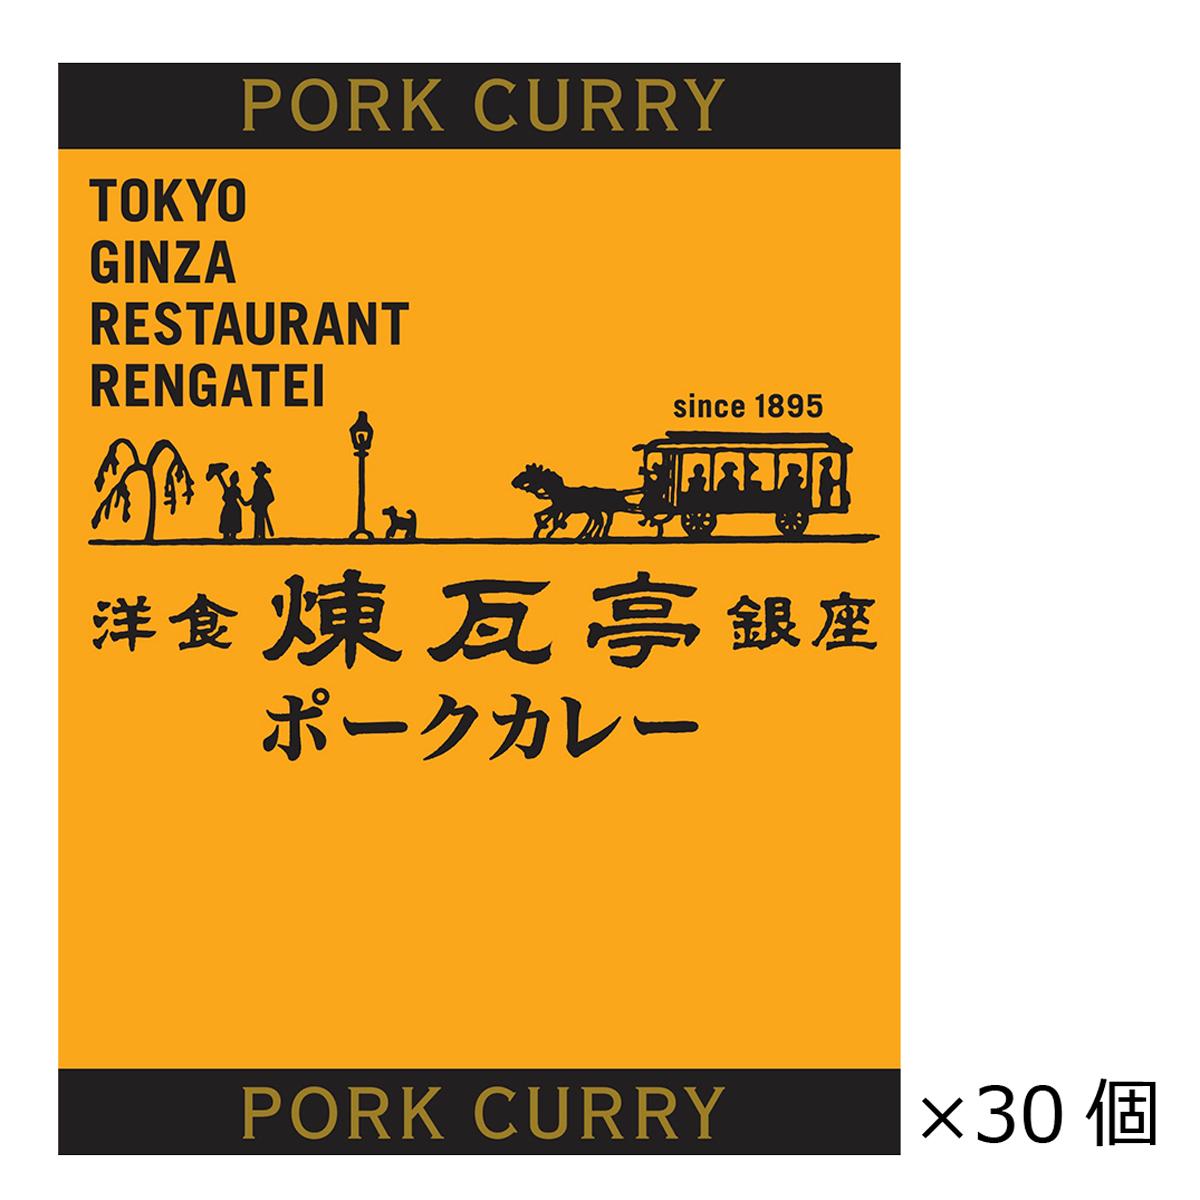 送料無料 産直 お取り寄せ 銀座煉瓦亭ポークカレー 30個 200g レトルトカレー レストランカレー まとめ買い 夜食 惣菜 食品 豚